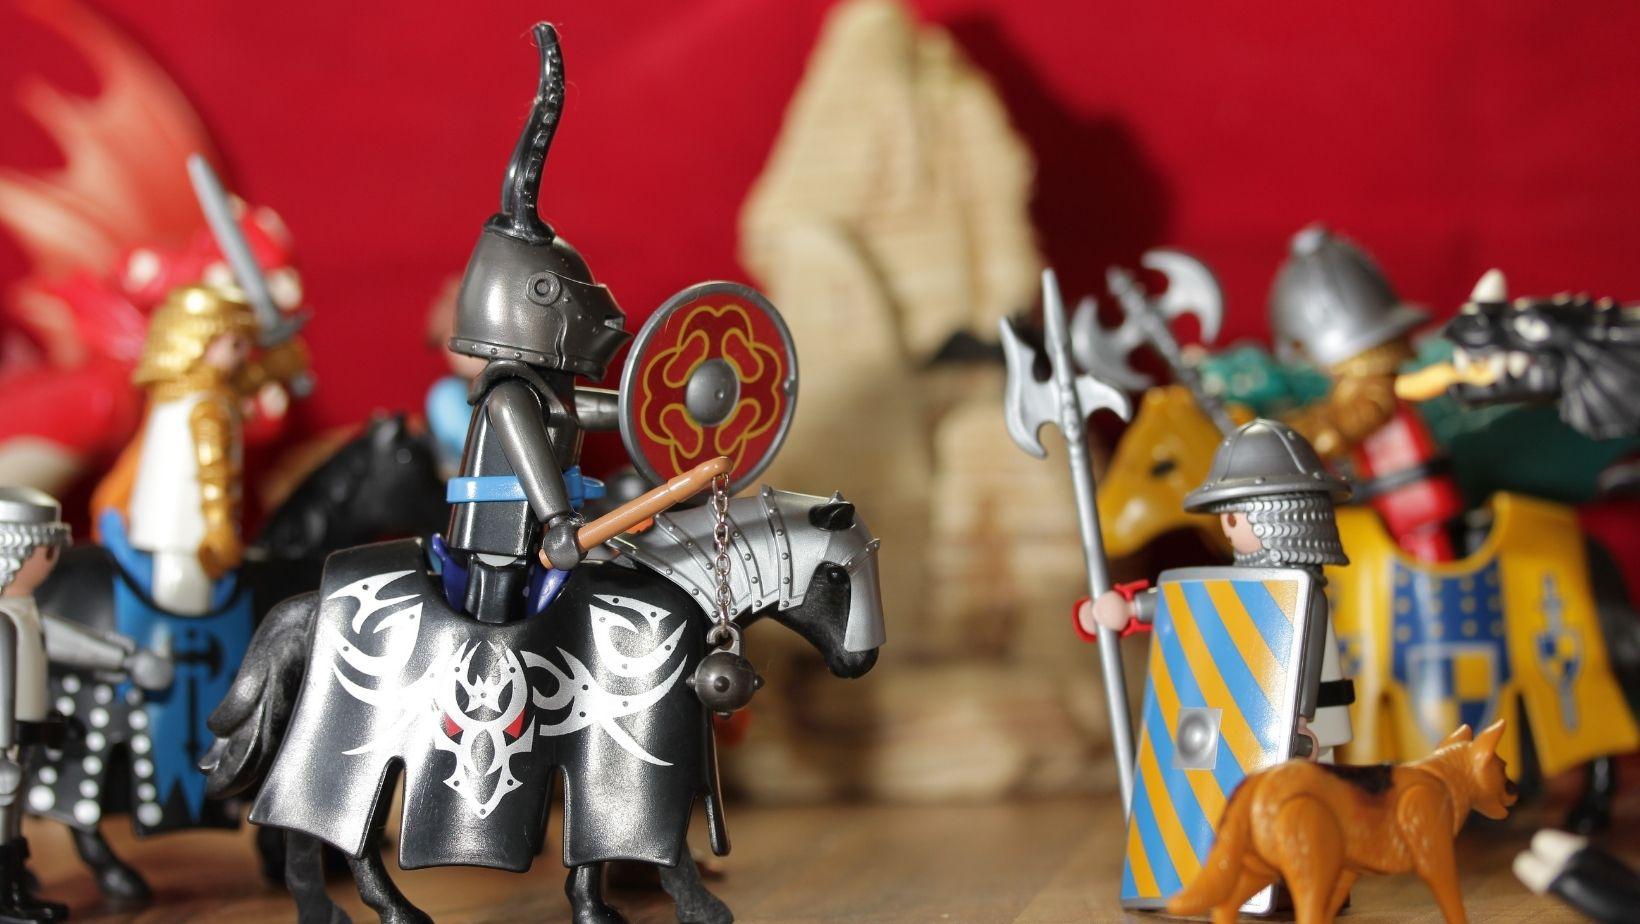 Playmobil expo te zien in Gorinchemse binnenstad